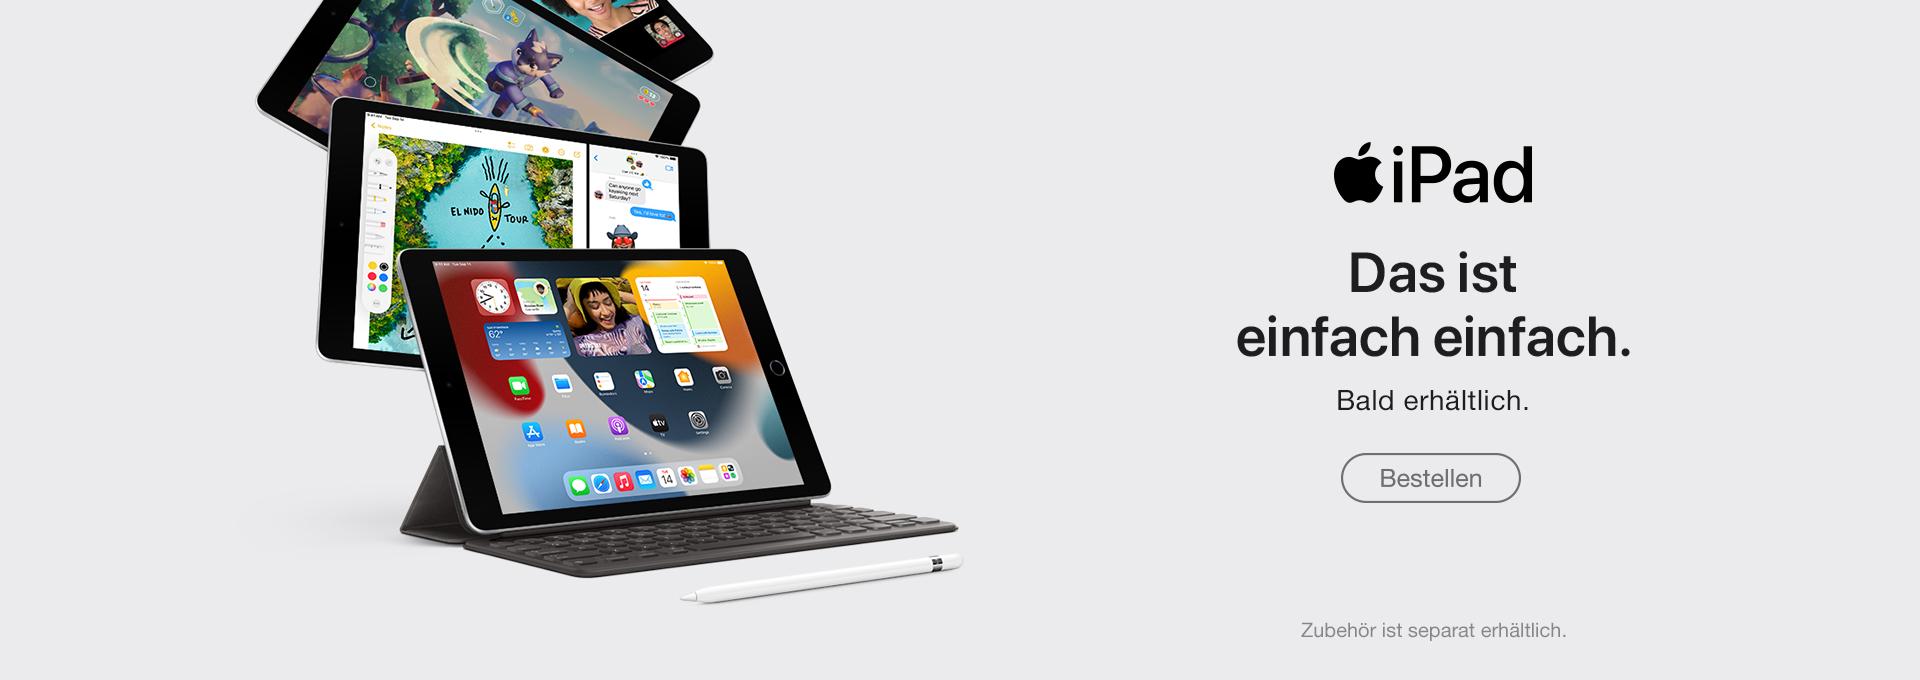 Jetzt Apple iPad kaufen